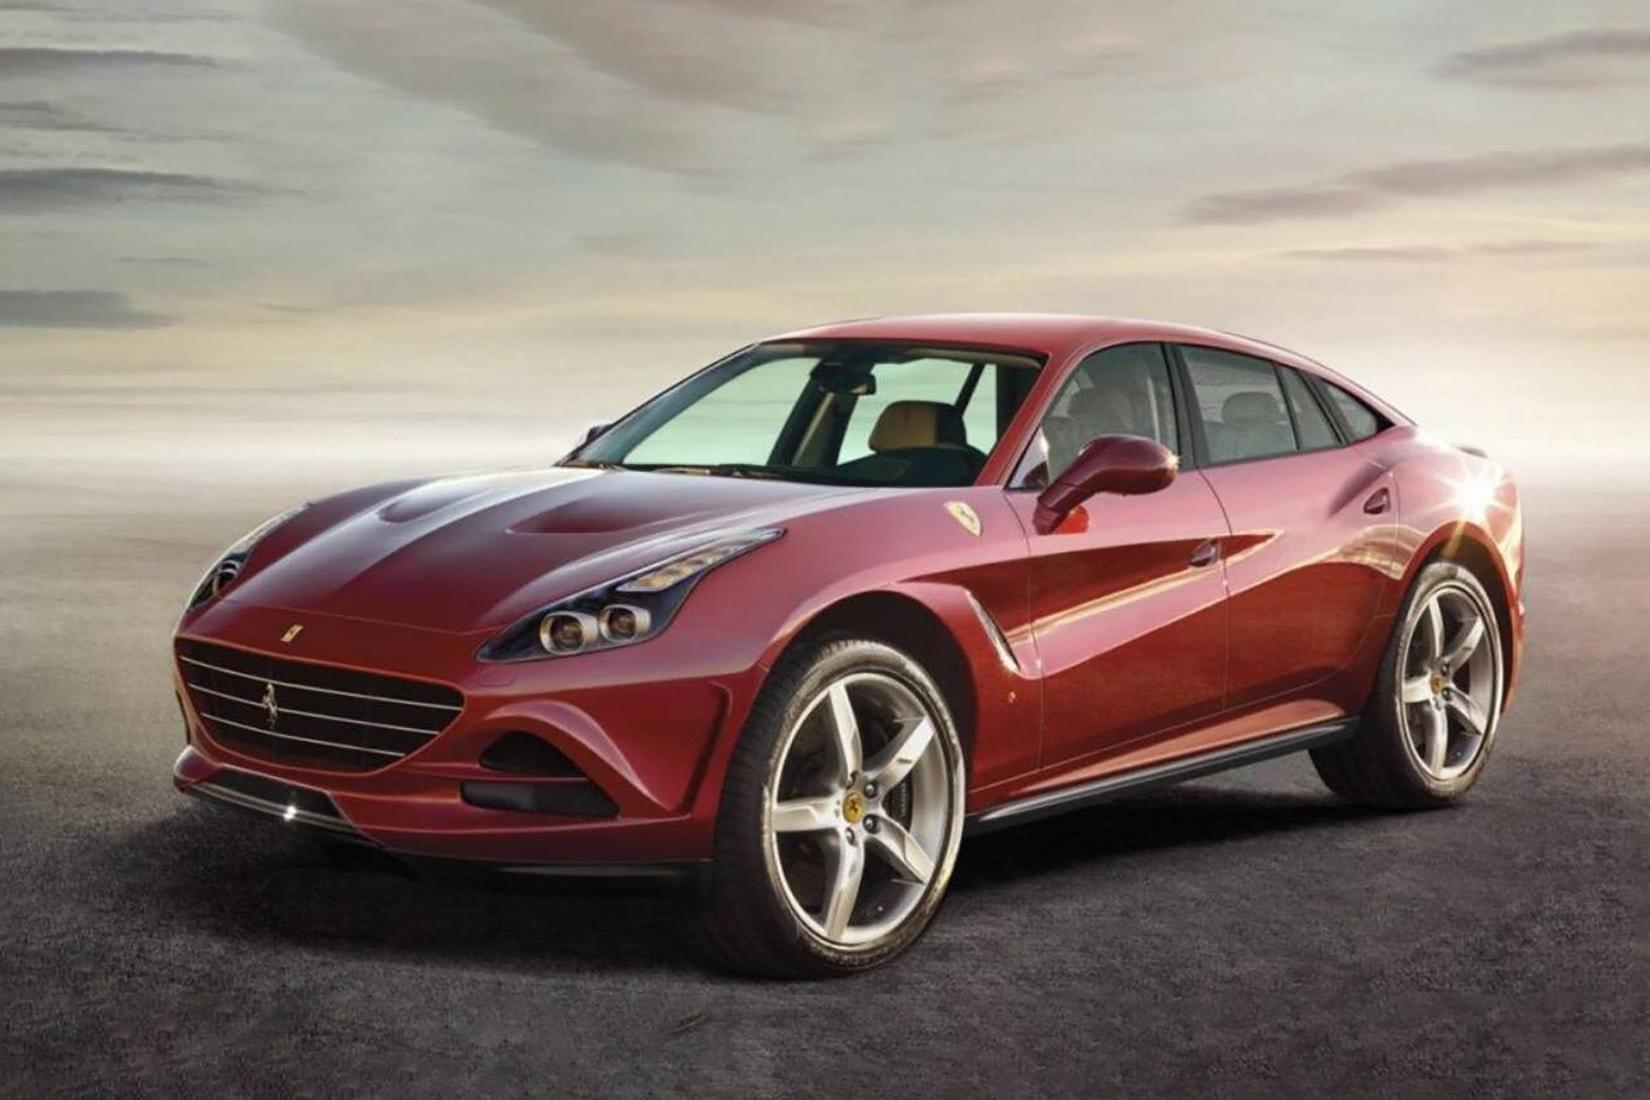 best luxury suv 2021 Ferrari Purosangue - Luxe Digital